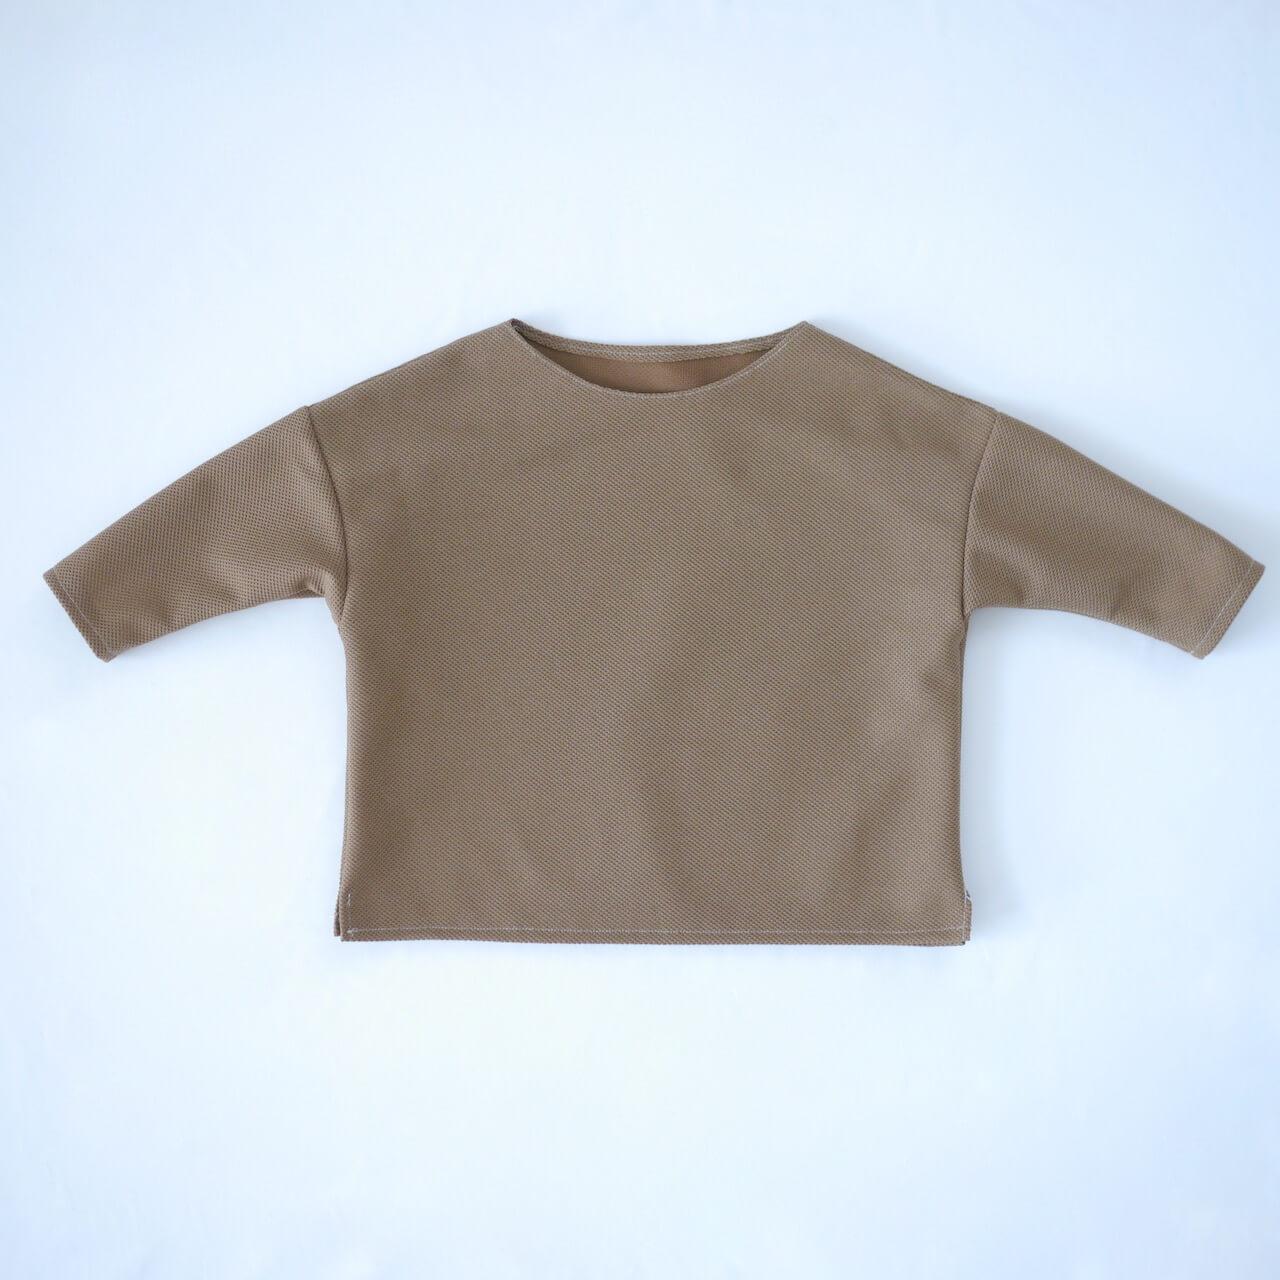 バスクTシャツ全体